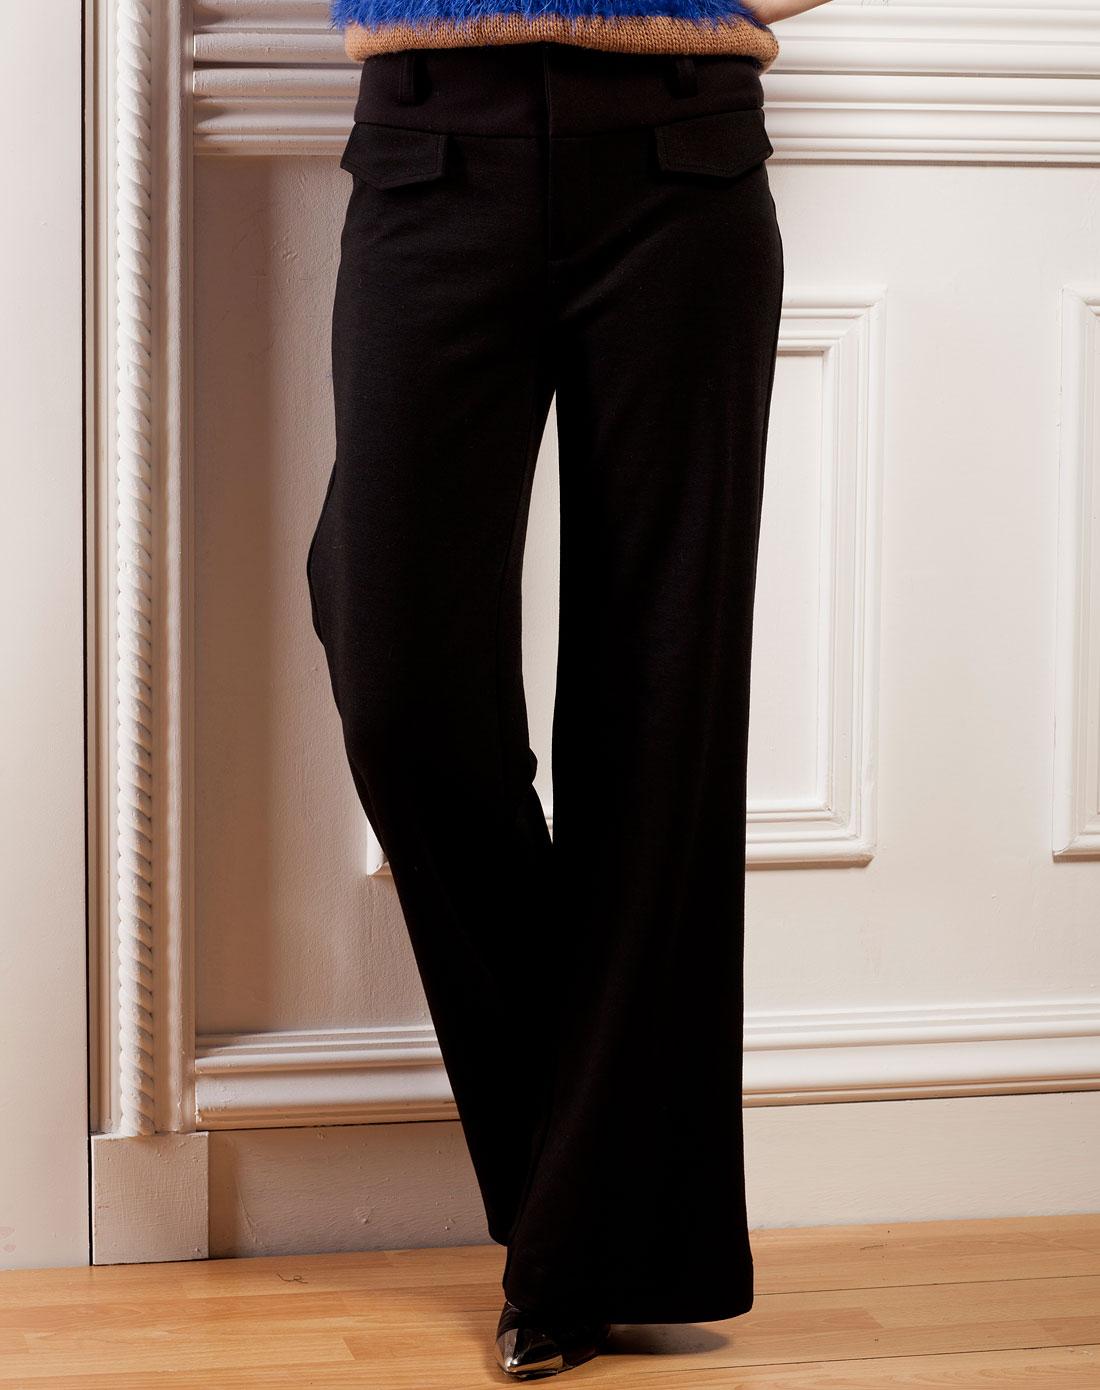 阔腿裤-黑色u12c256-70